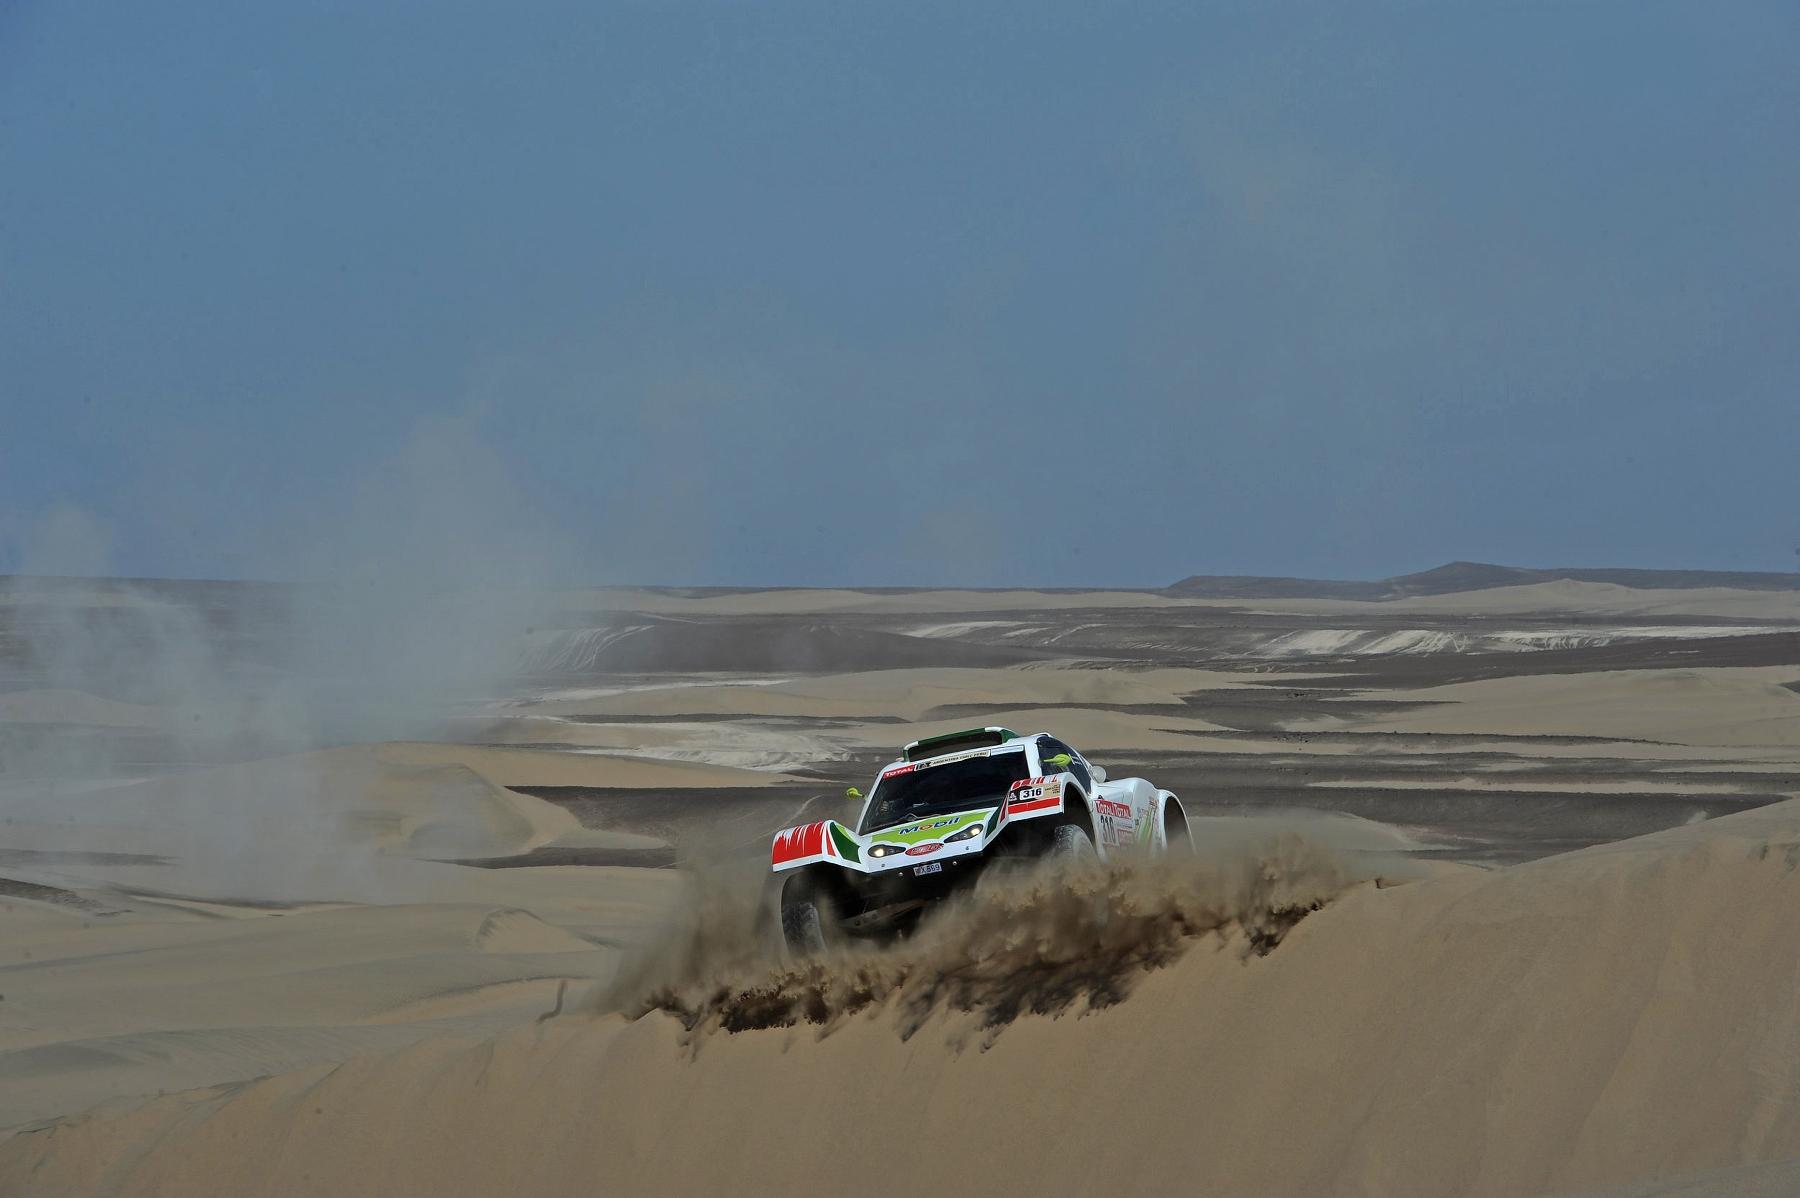 MOTORSPORT - DAKAR ARGENTINA CHILE PERU 2012 - STAGE 13 - NASCA (PER) TO PISCO (PER) - 14/01/2012 - PHOTO: ERIC VARGIOLU / DPPI